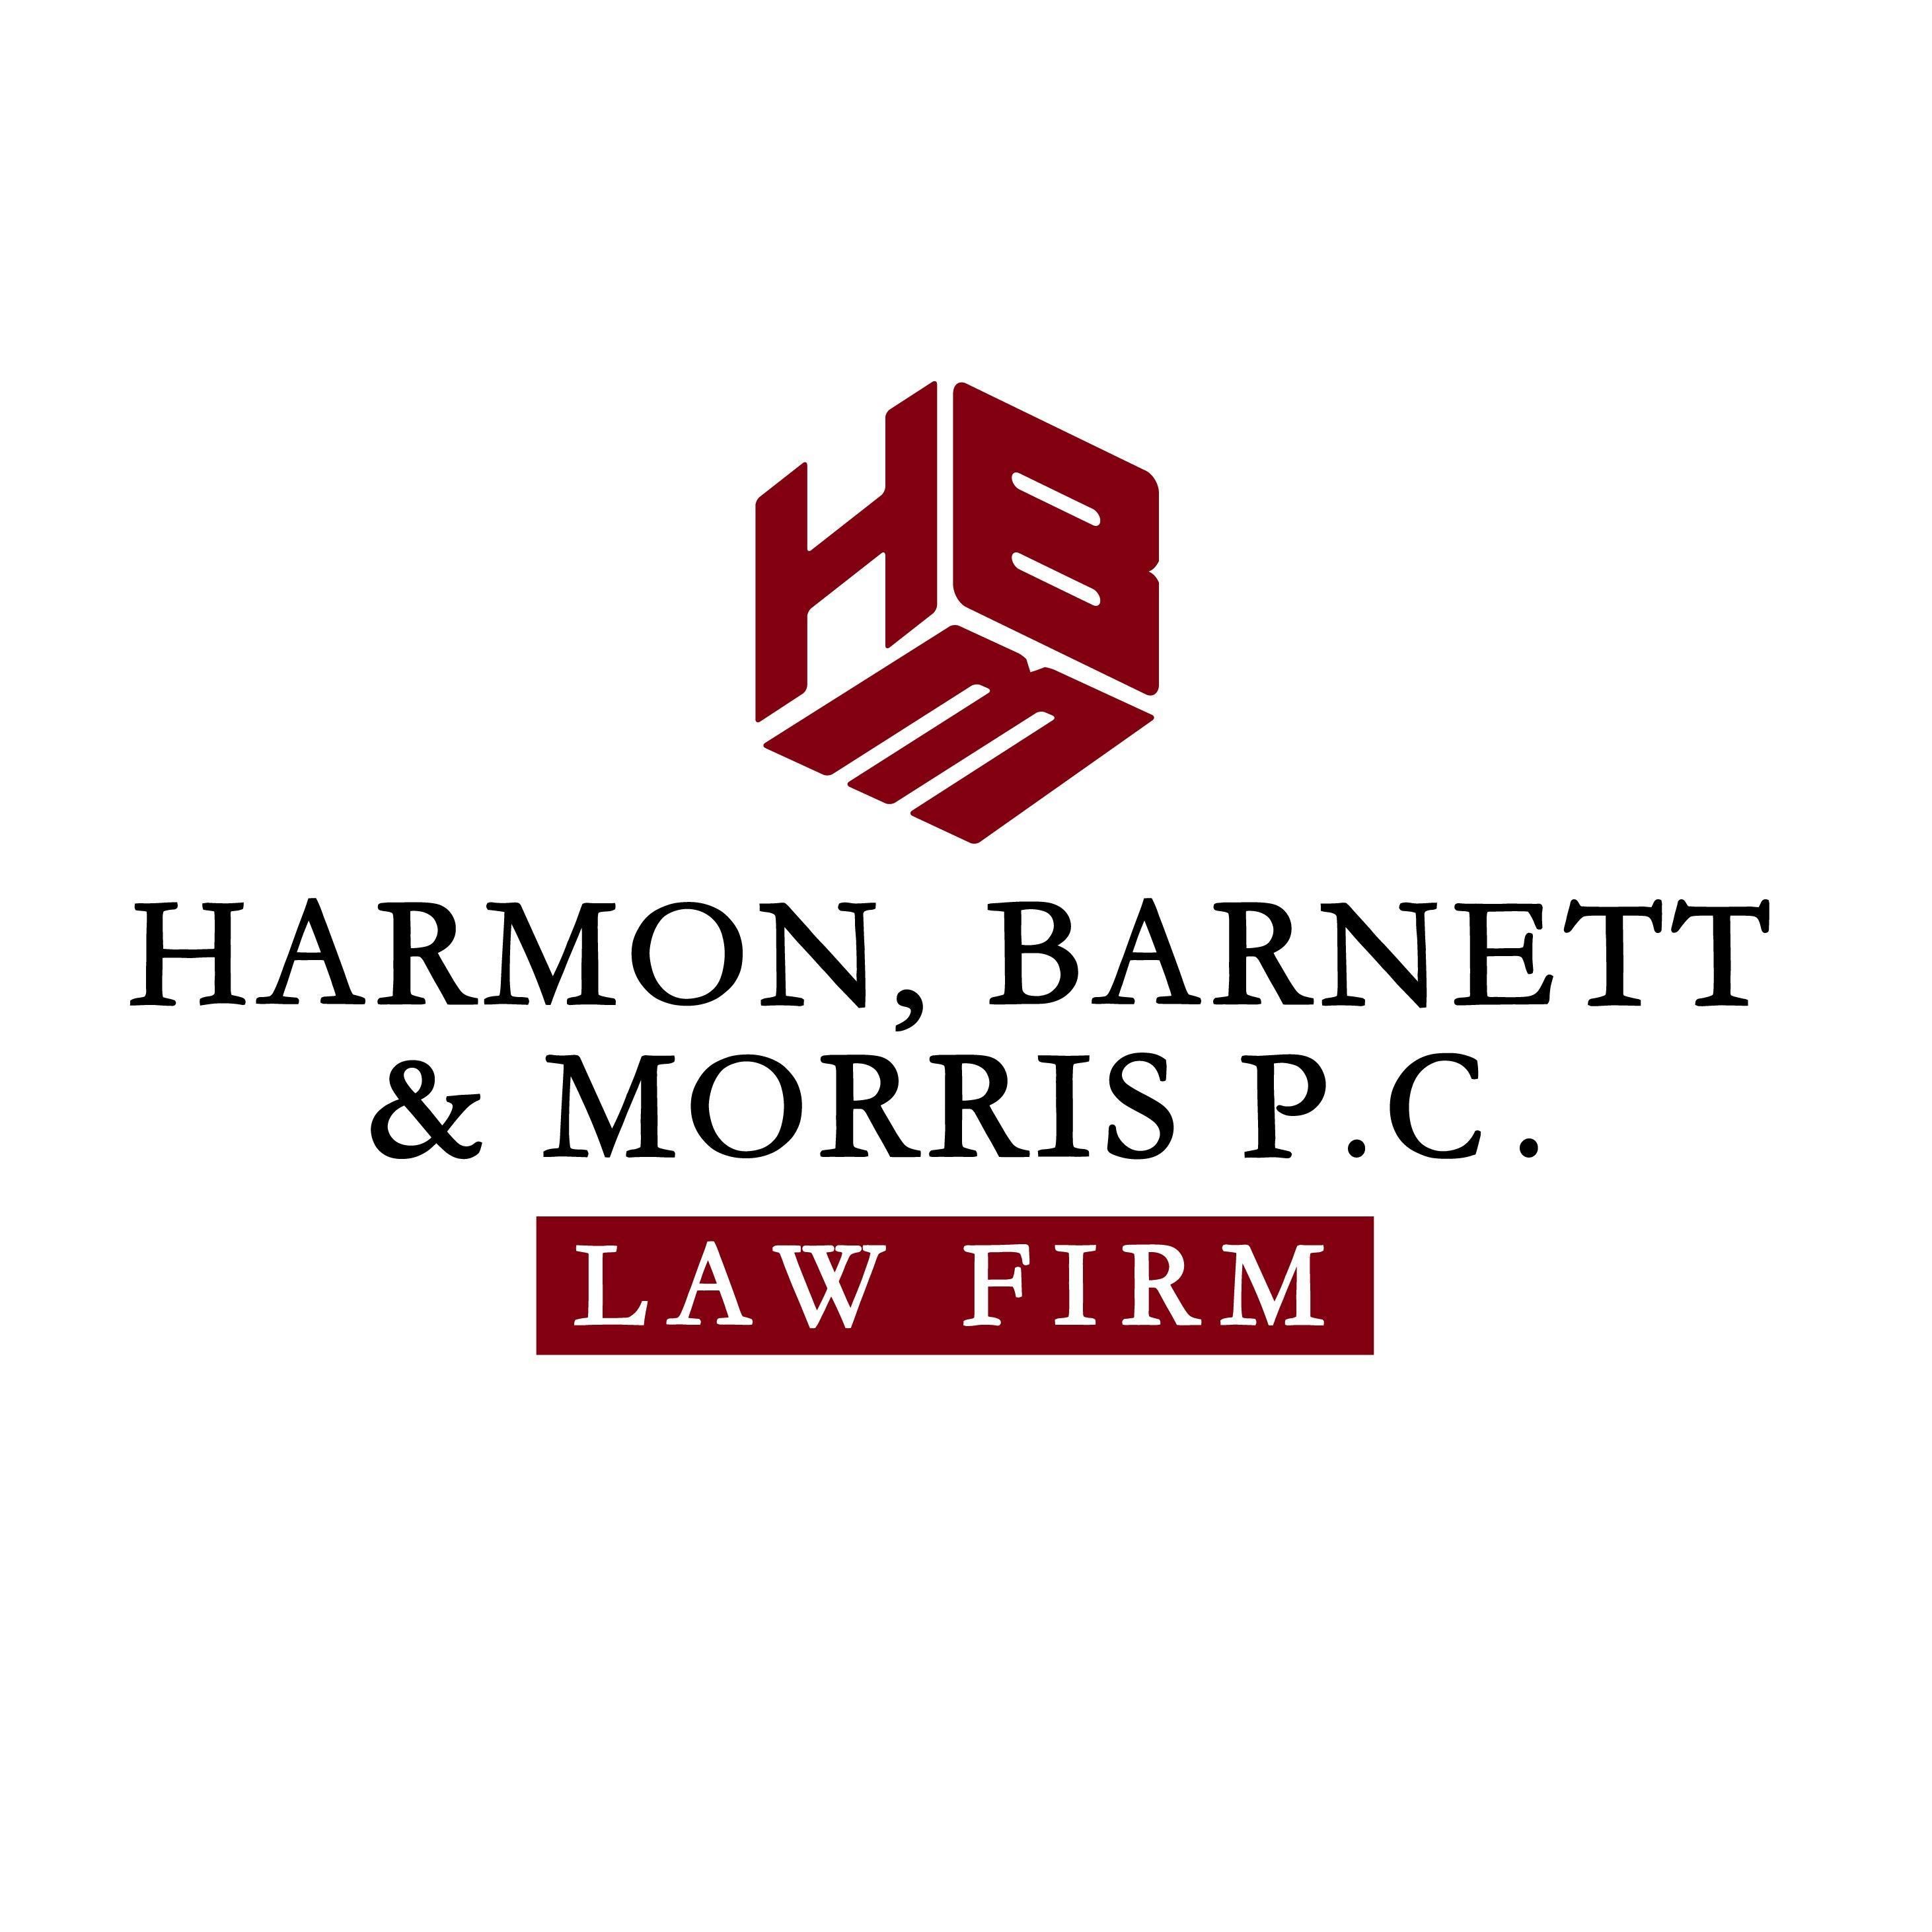 Harmon, Barnett & Morris, P.C.